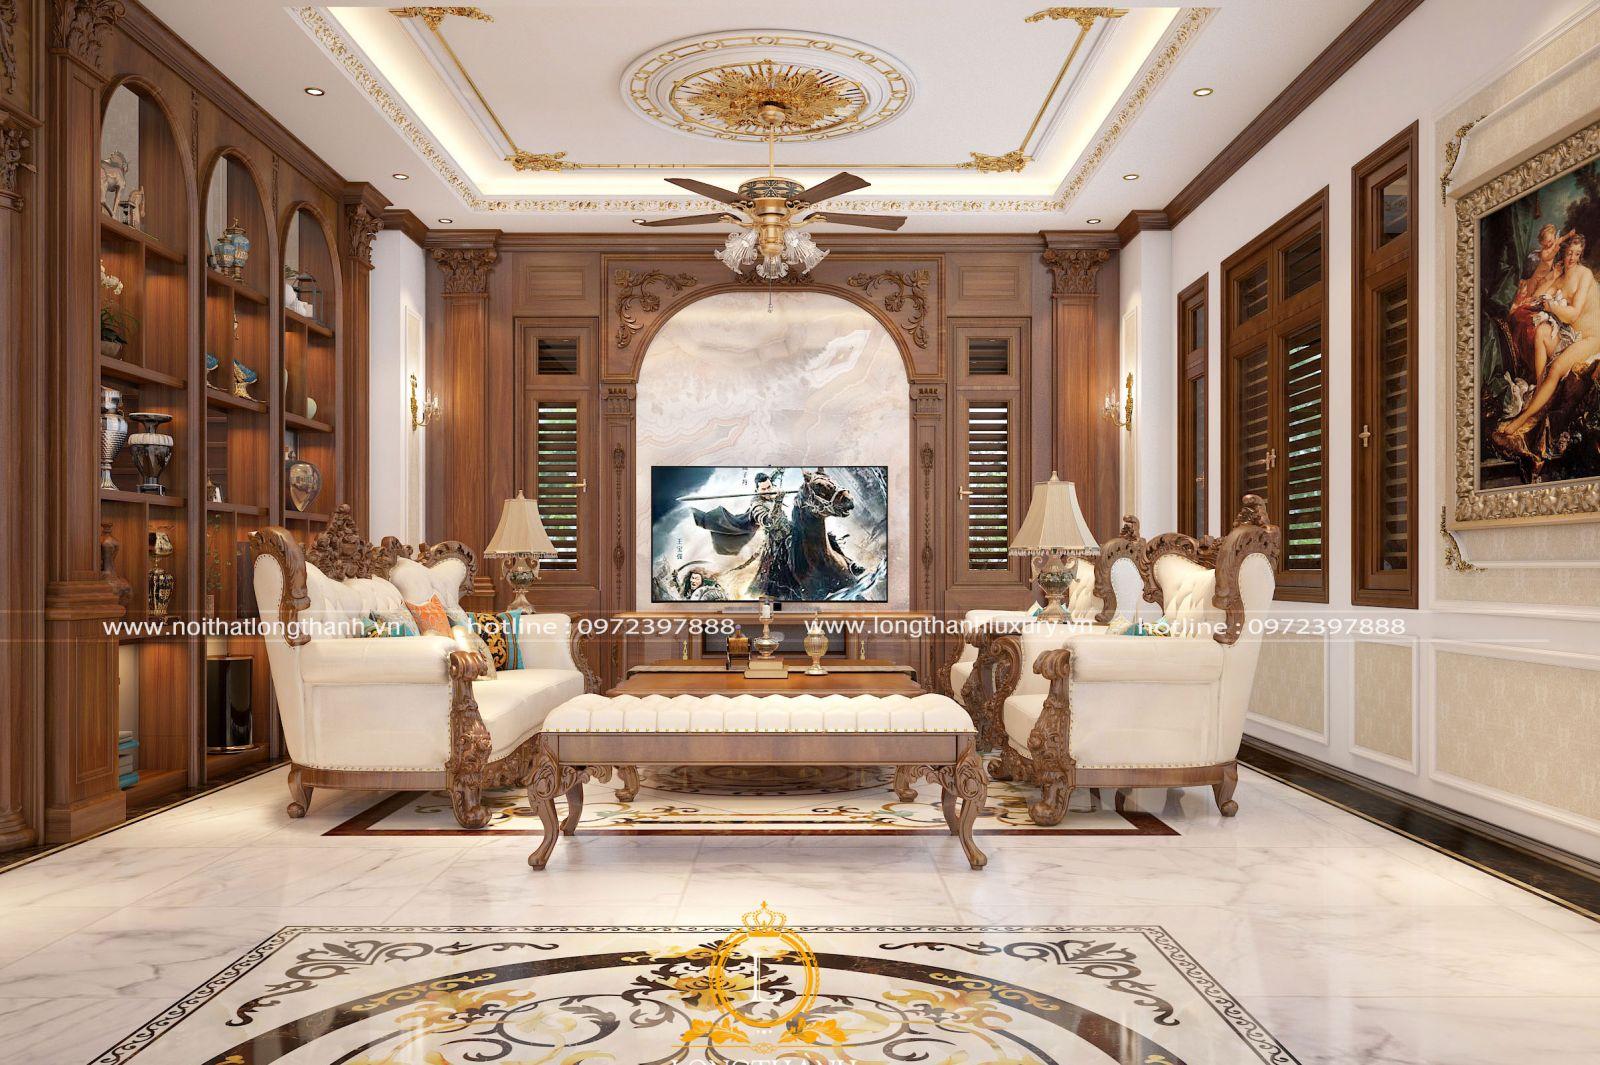 Lựa chọn đơn vị thiết kế và thi công nội thất phòng khách biệt thự đẹp